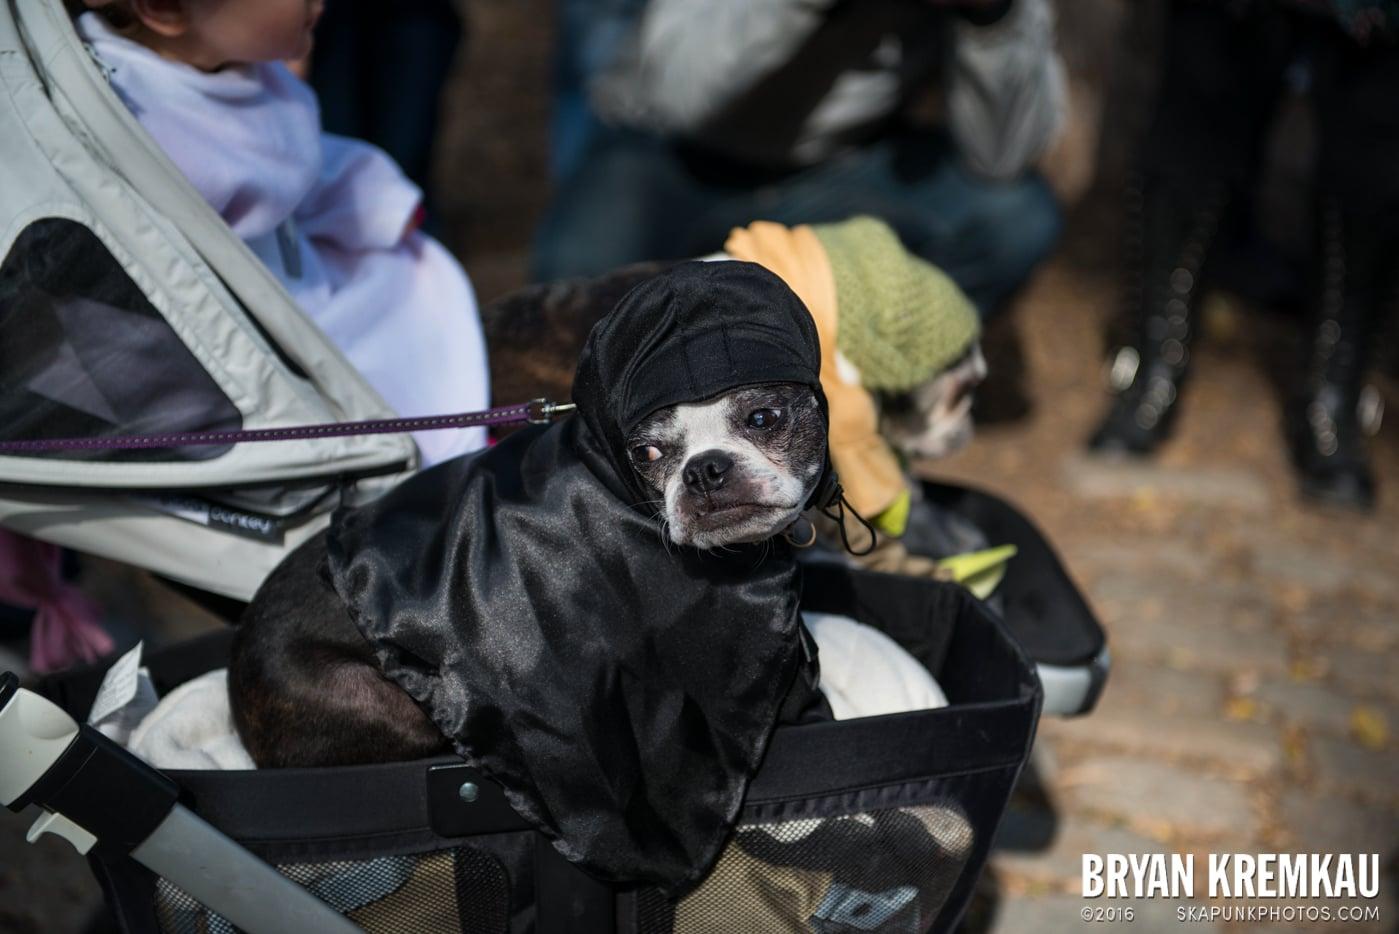 Tompkins Square Halloween Dog Parade 2013 @ Tompkins Square Park, NYC - 10.26.13 (5)